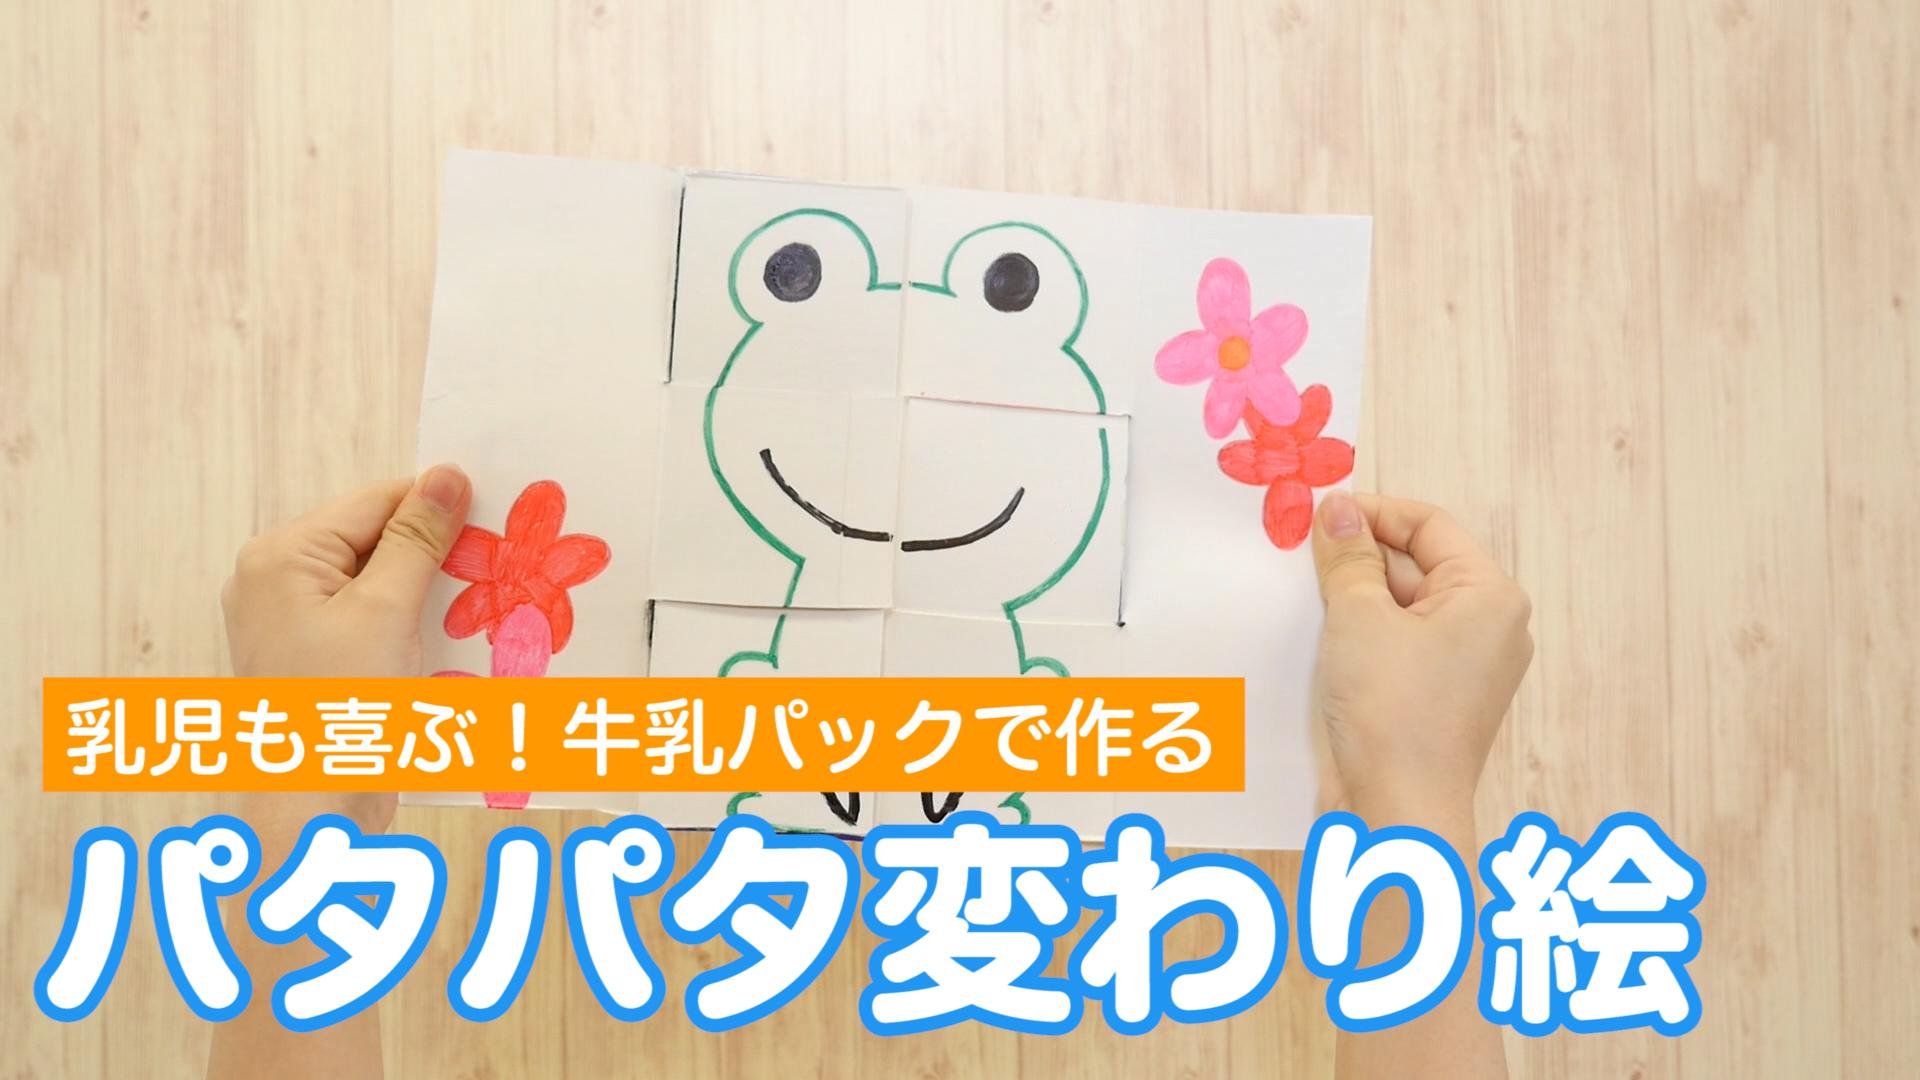 【動画】乳児も喜ぶ!牛乳パックで作る パタパタ変わり絵